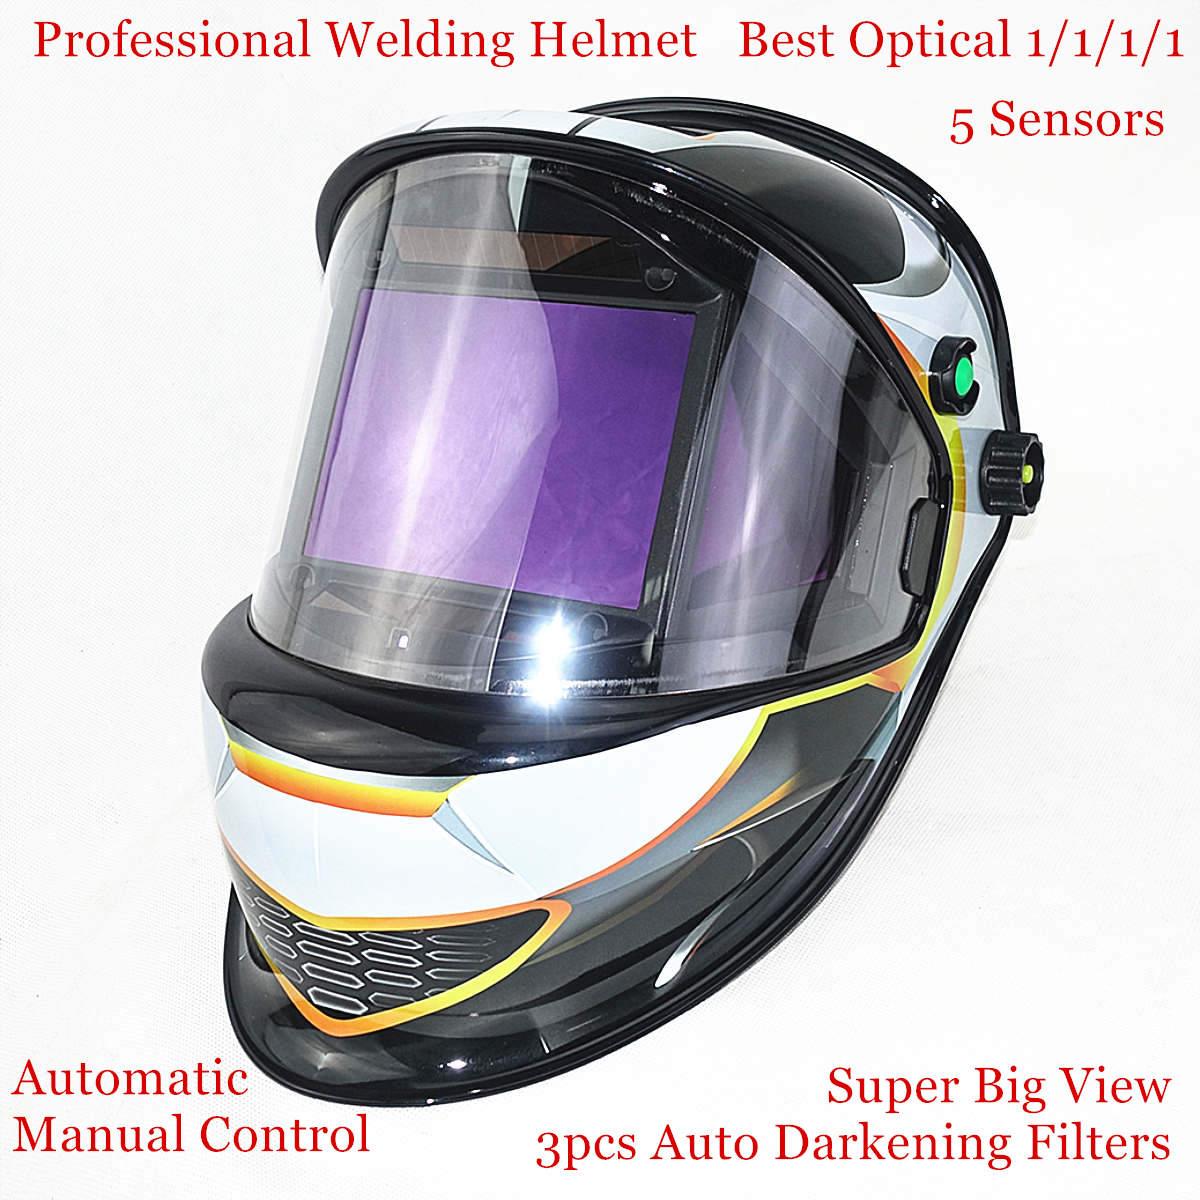 Auto Darkening Welding Mask 3 Filters View Size 115x85mm DIN 4-14 Optical 1111 5 Sensors CE ANSI CSA AS/NZS Welding Helmet